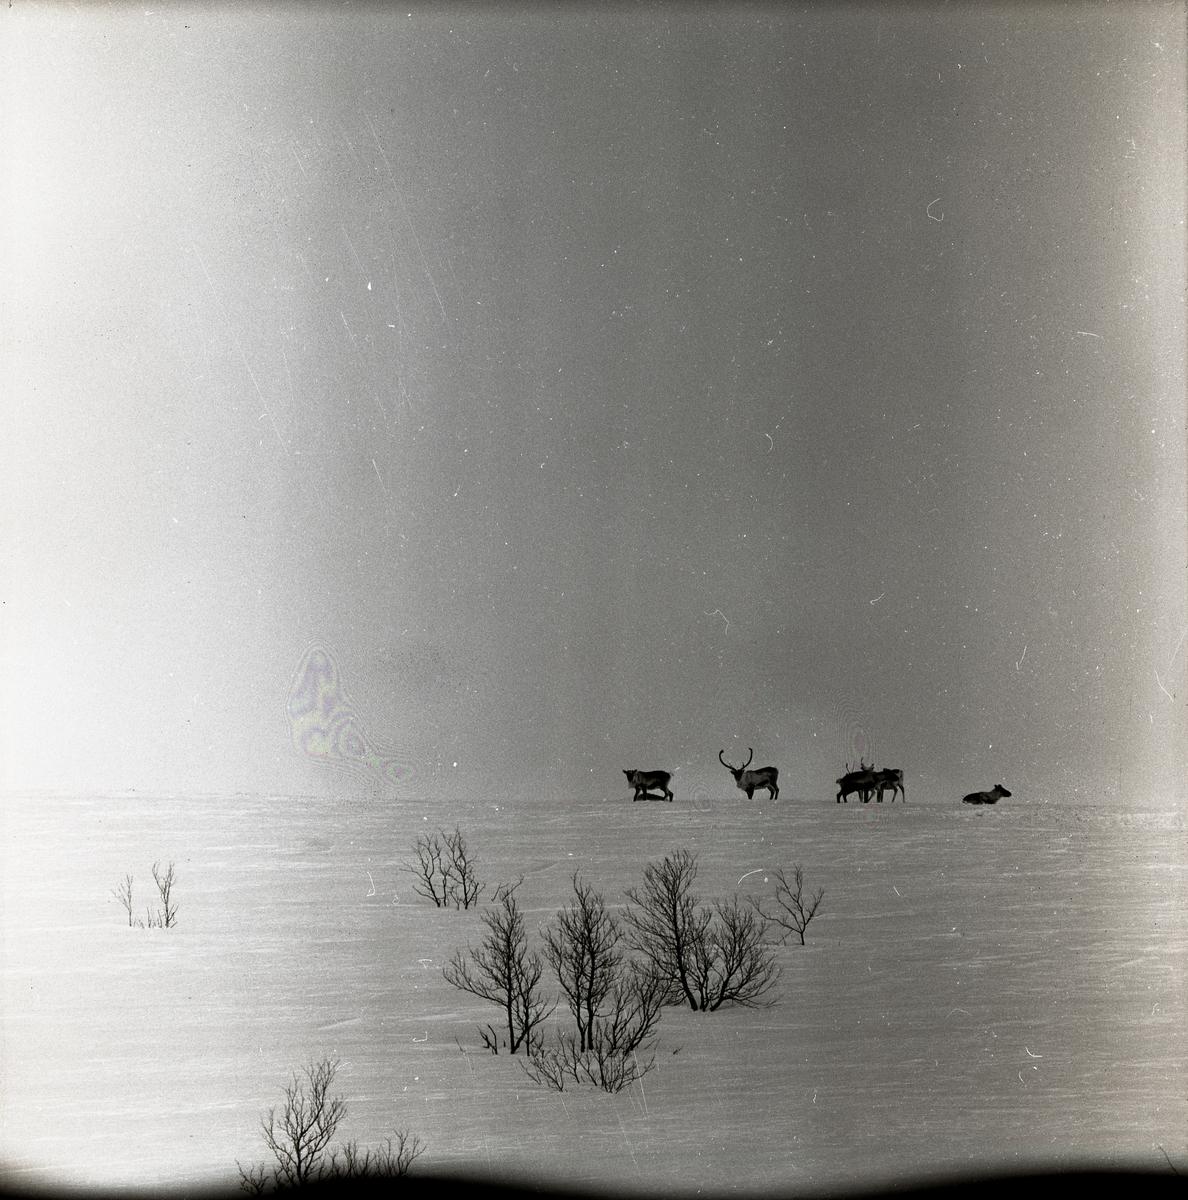 Renar vandrar på fjället Kirunavaara i Kiruna, 22 april 1958.